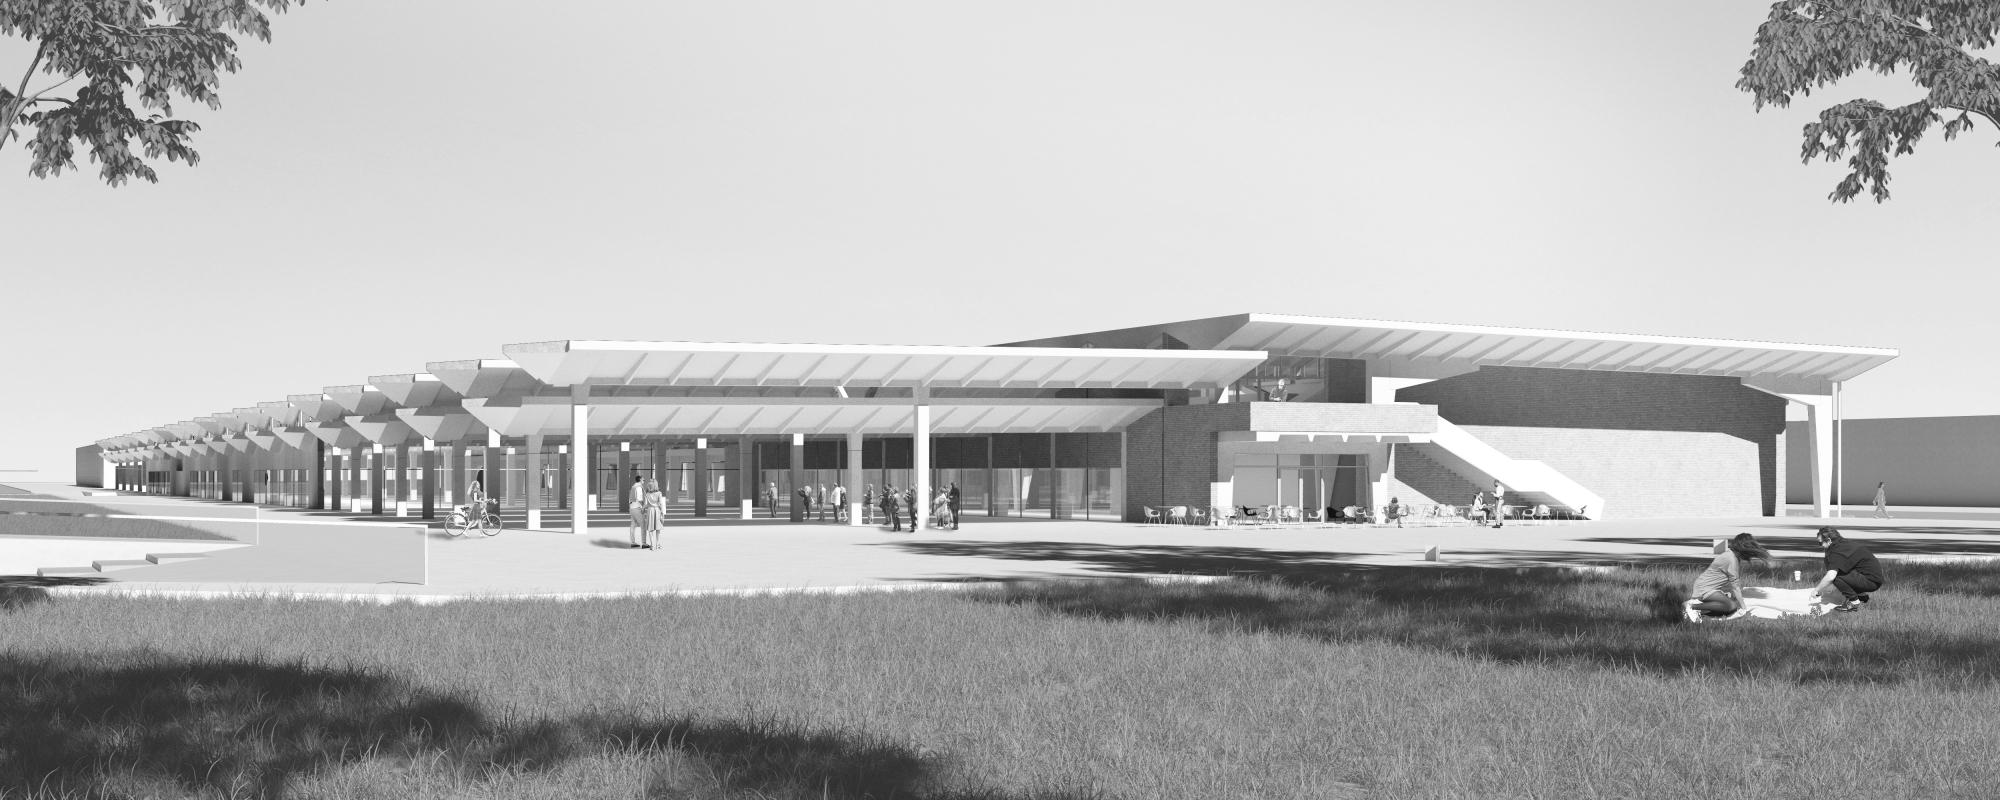 muzeum wzornictwa